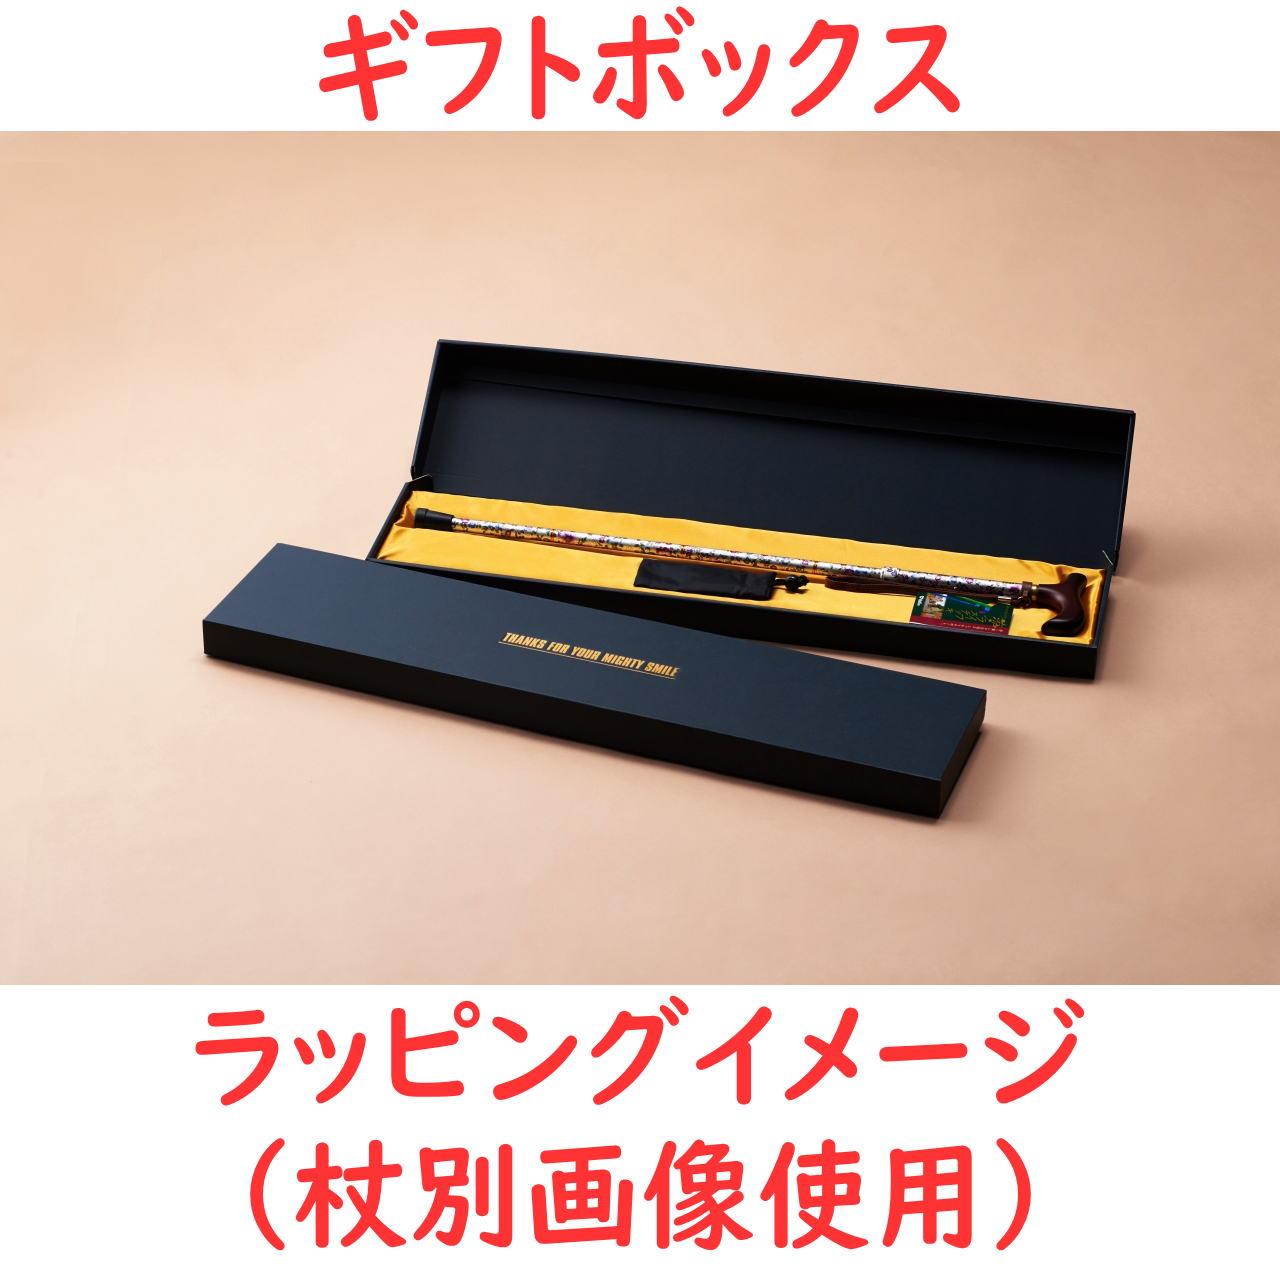 ☆ギフトボックス可☆ 夢ライフステッキ 柄杖折りたたみ伸縮型 花ネイビー